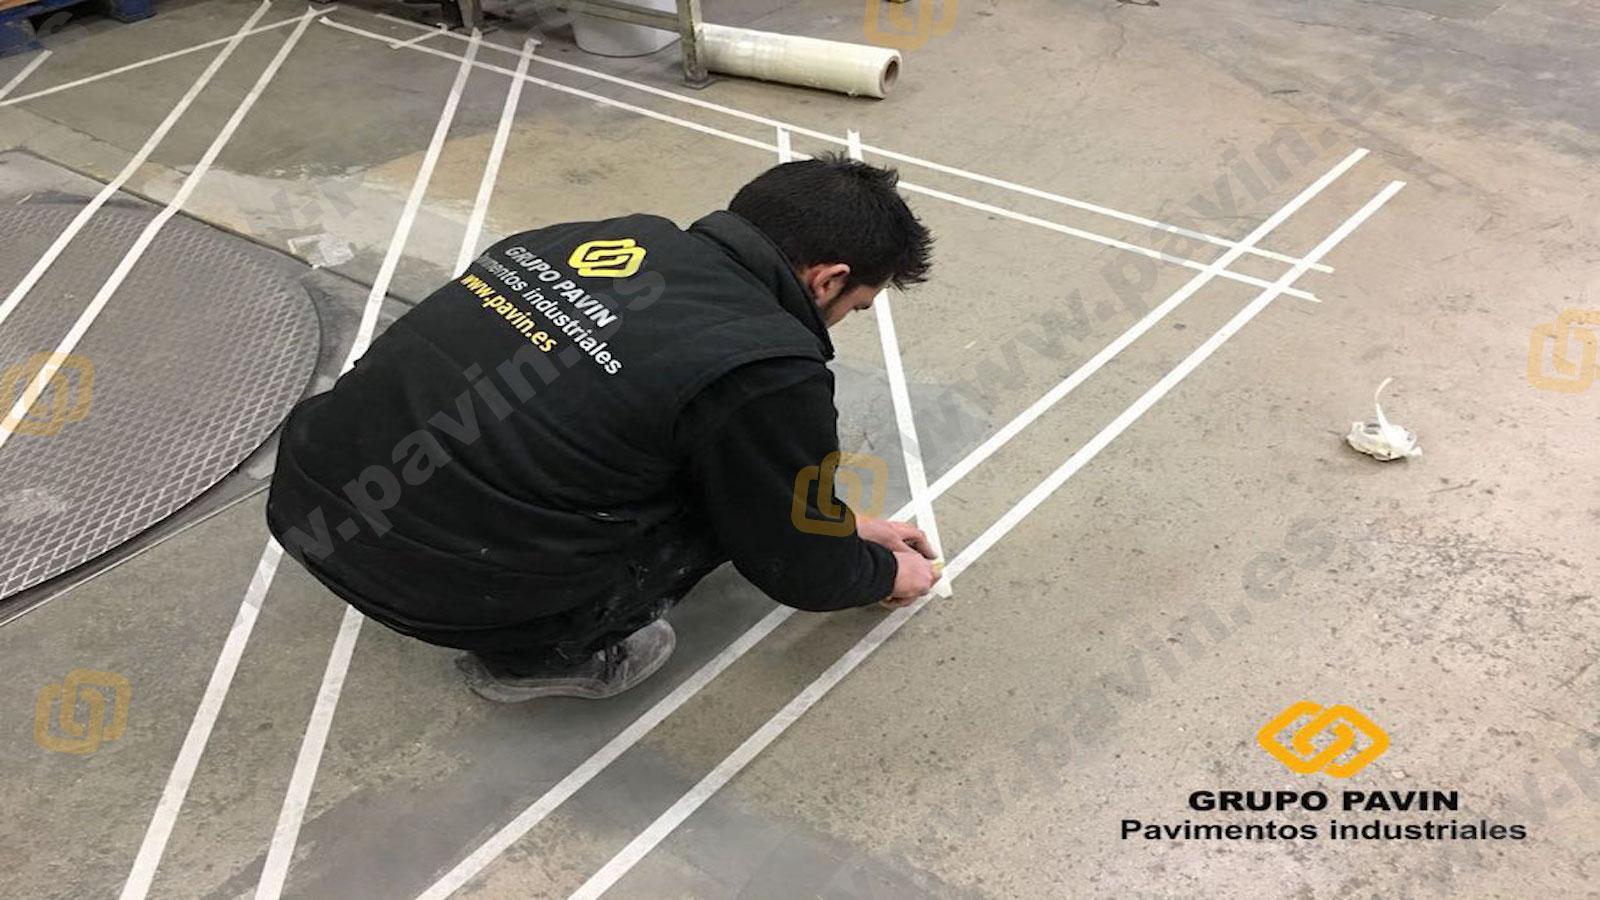 Señalización cruzada en pavimentos industriales